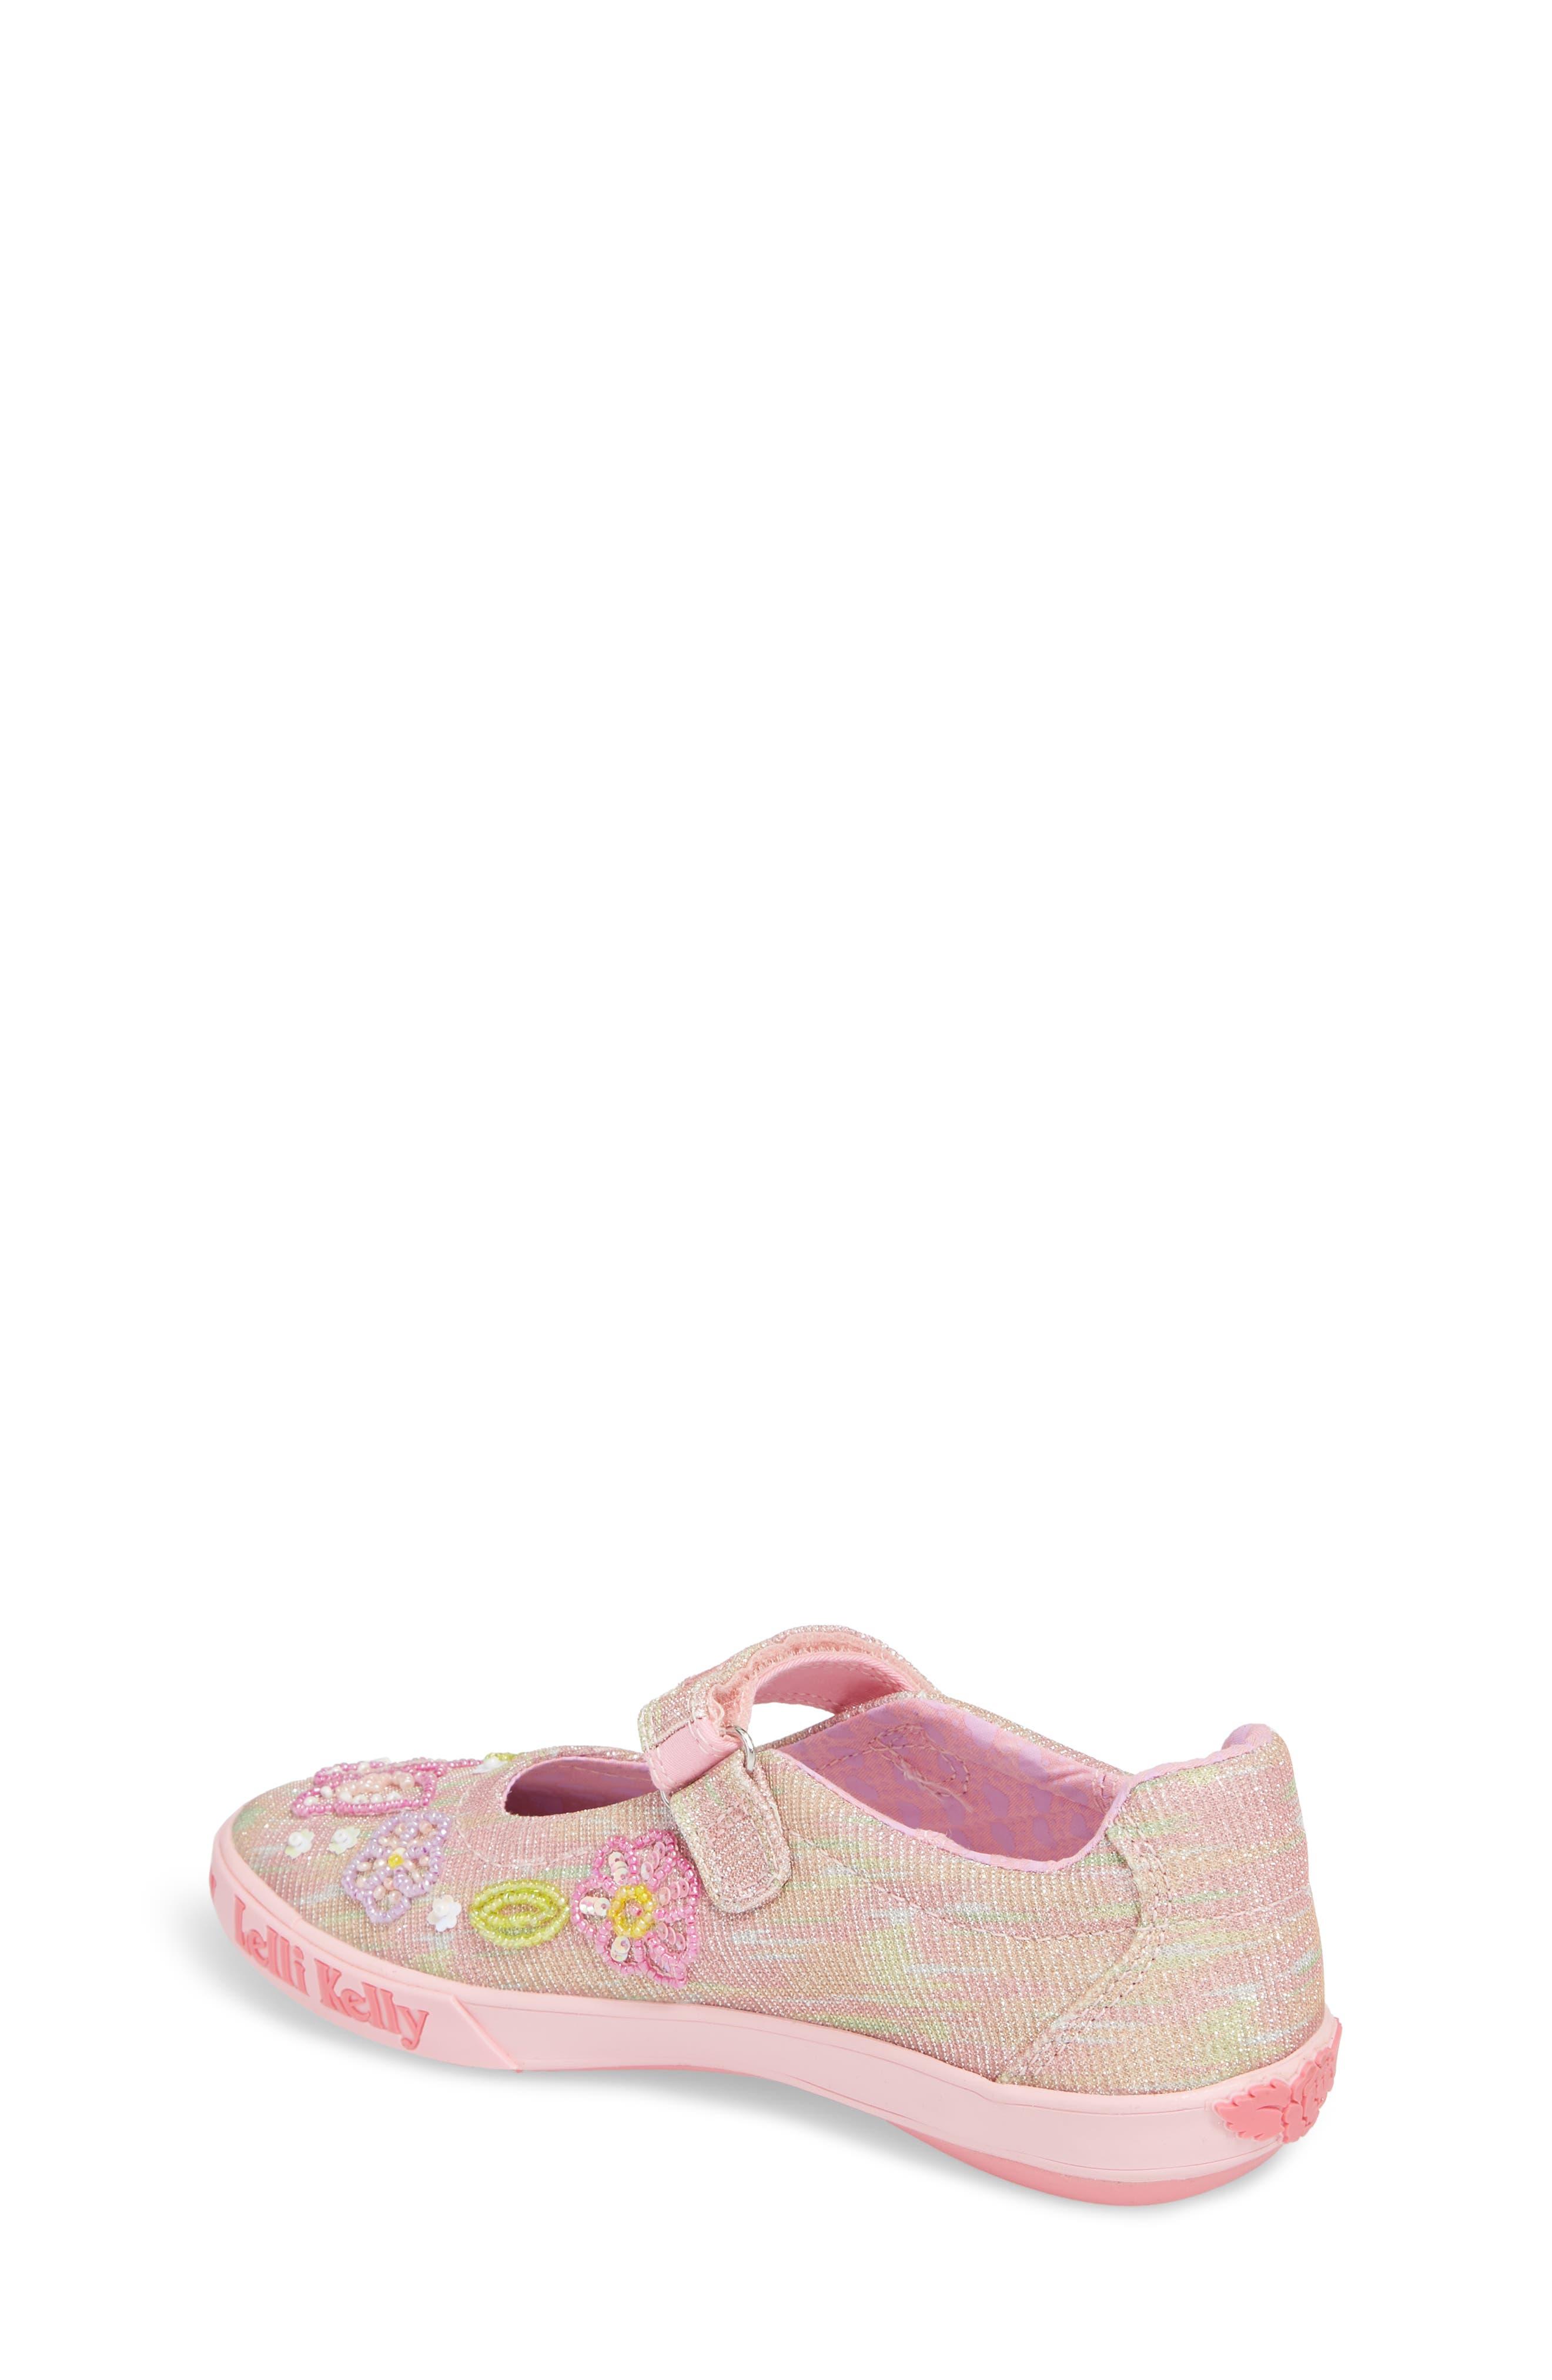 Beaded Mary Jane Sneaker,                             Alternate thumbnail 2, color,                             660